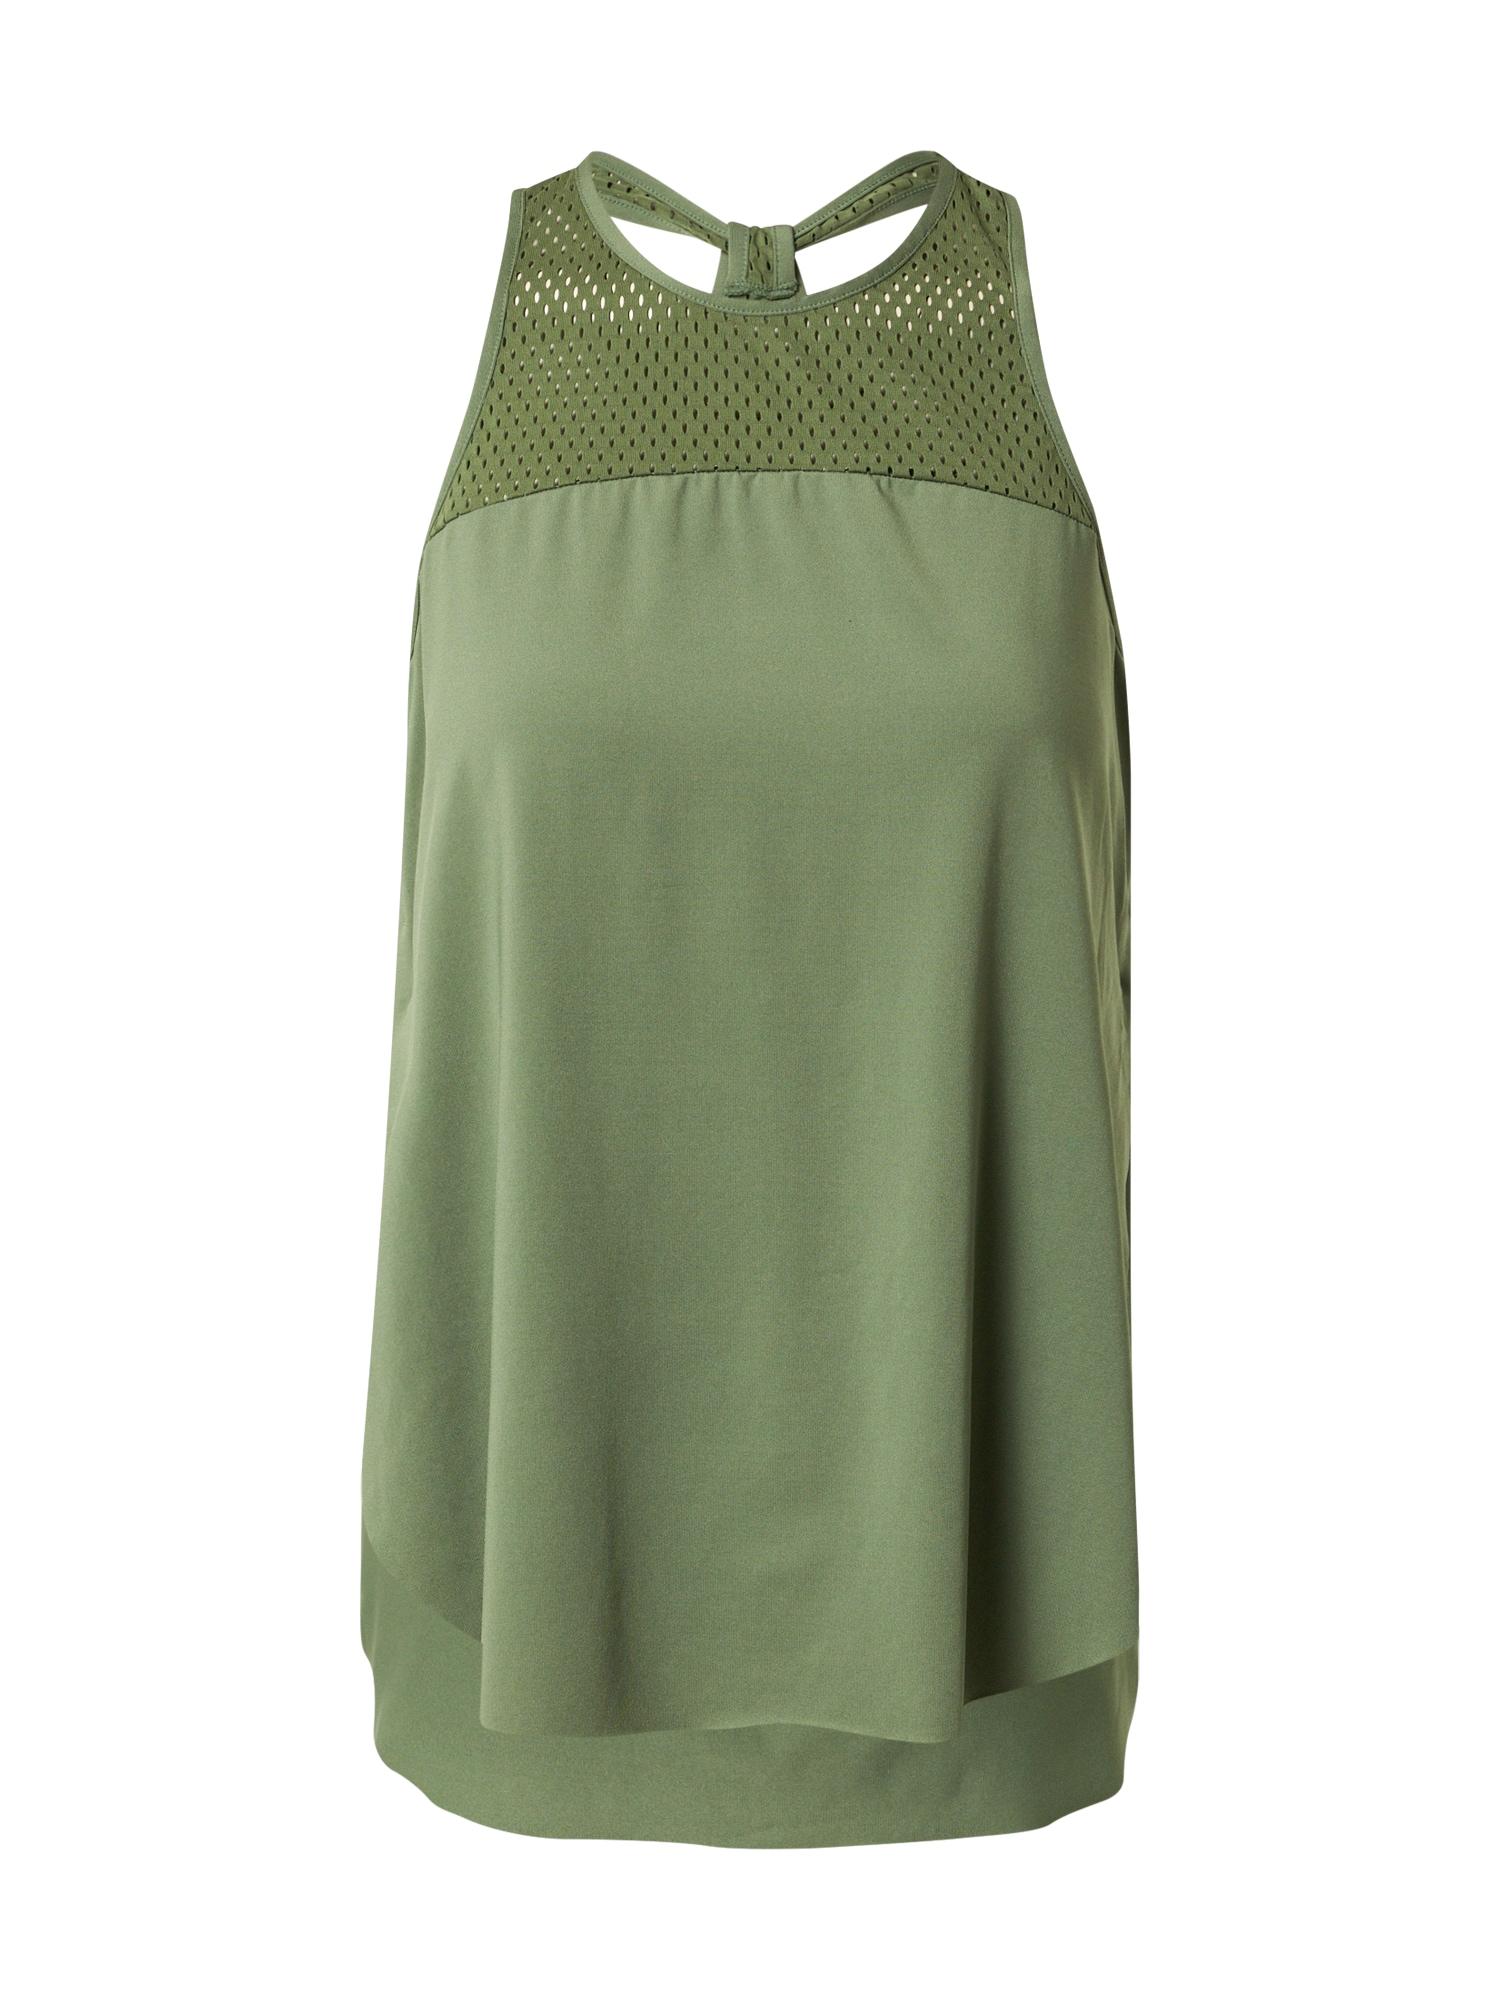 HKMX Sportiniai marškinėliai be rankovių žalia